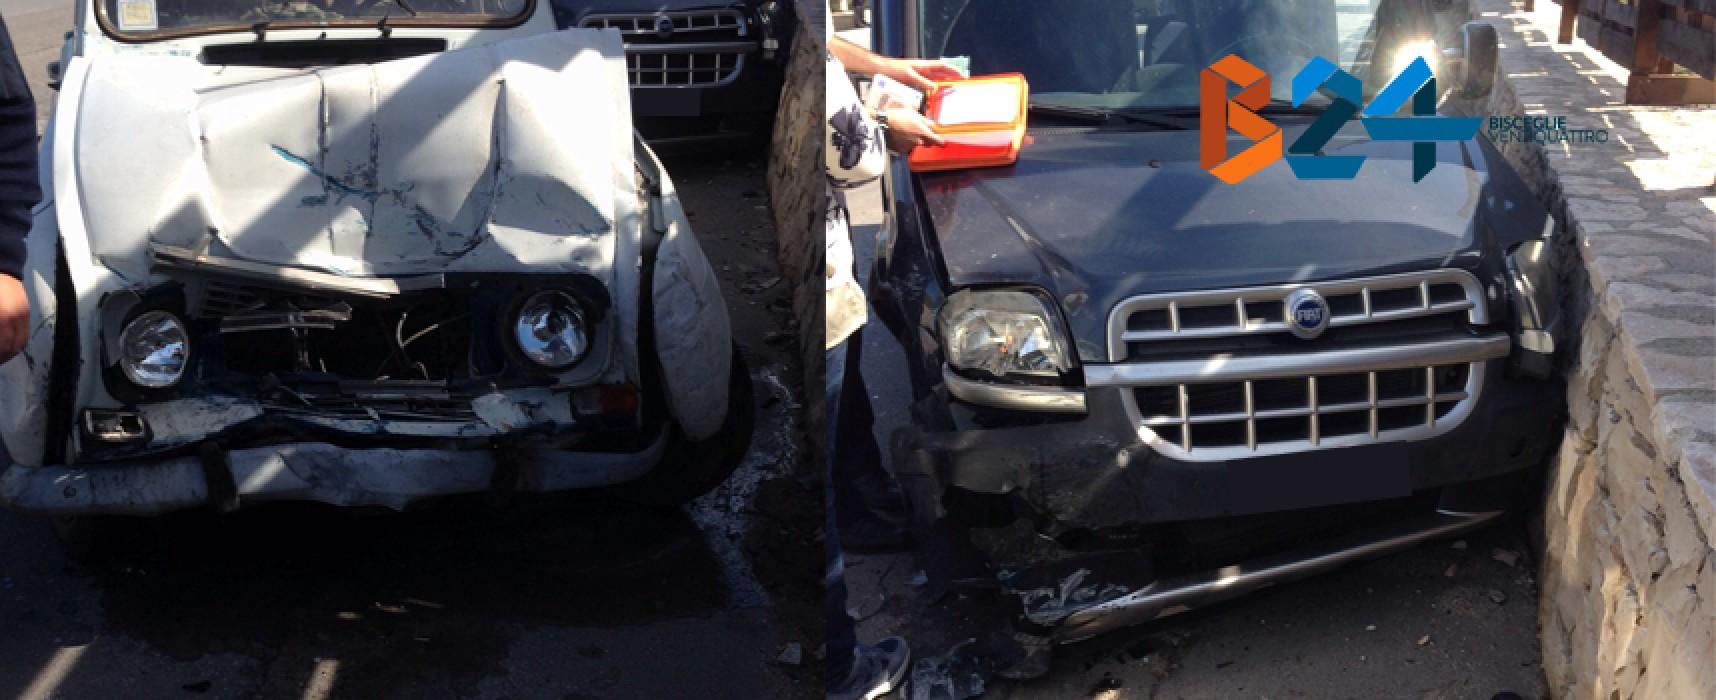 Incidente frontale questa mattina in via Imbriani, anziano biscegliese al pronto soccorso / FOTO